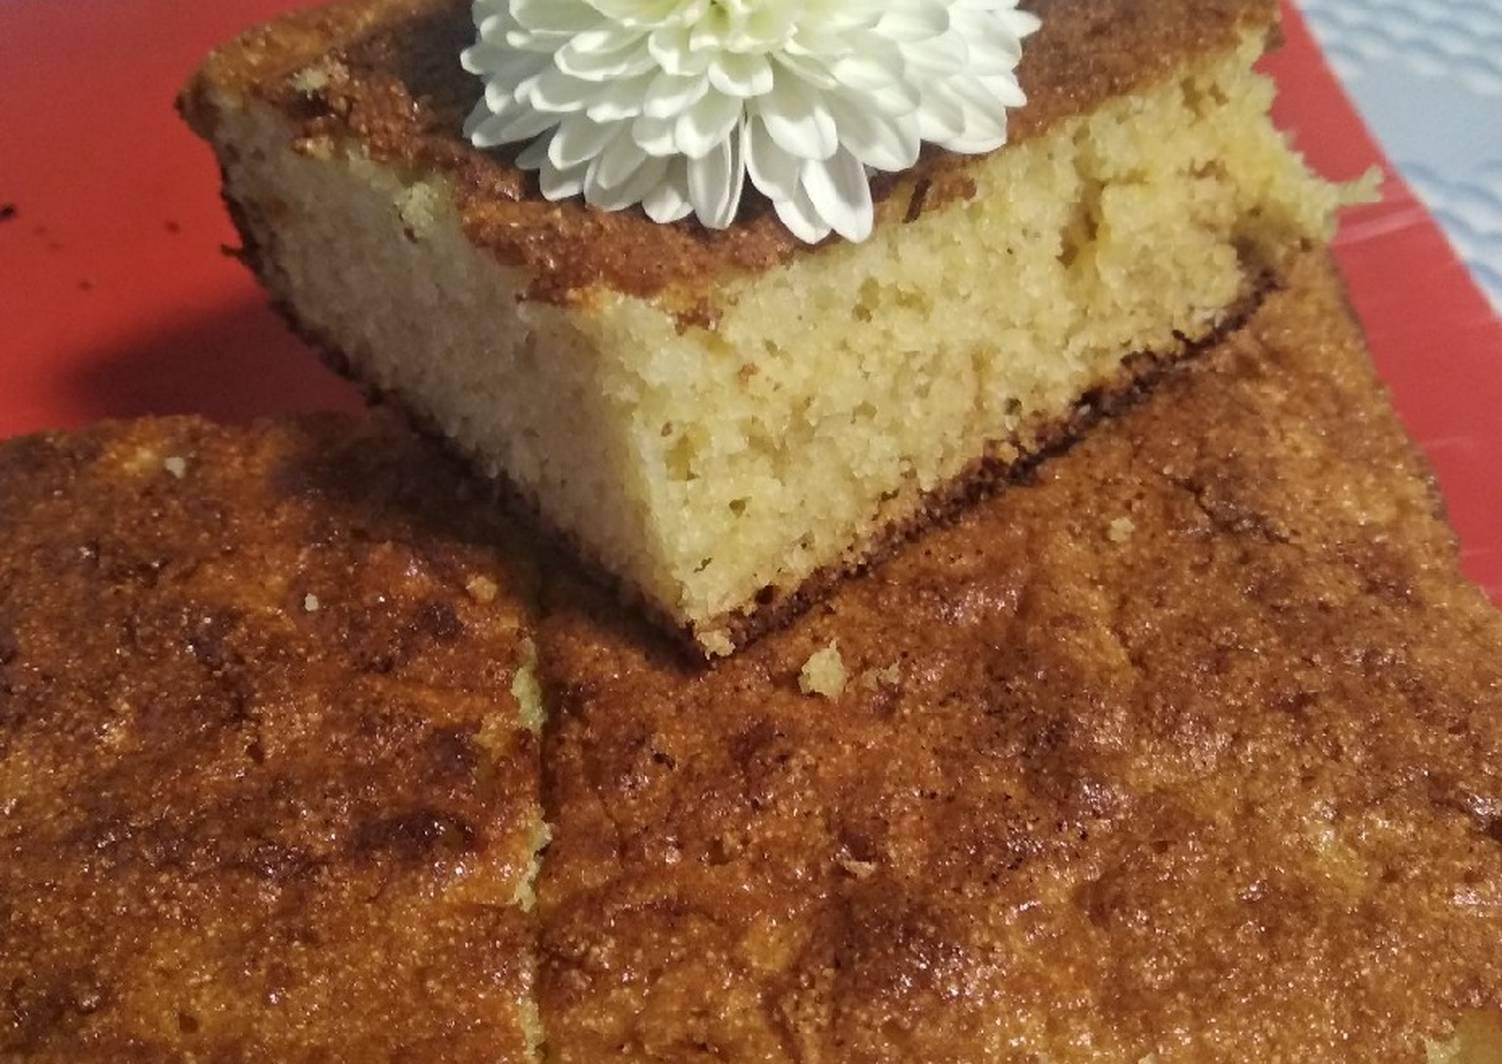 Песочное печенье рецепты с фото на маргарине этот голубоглазый